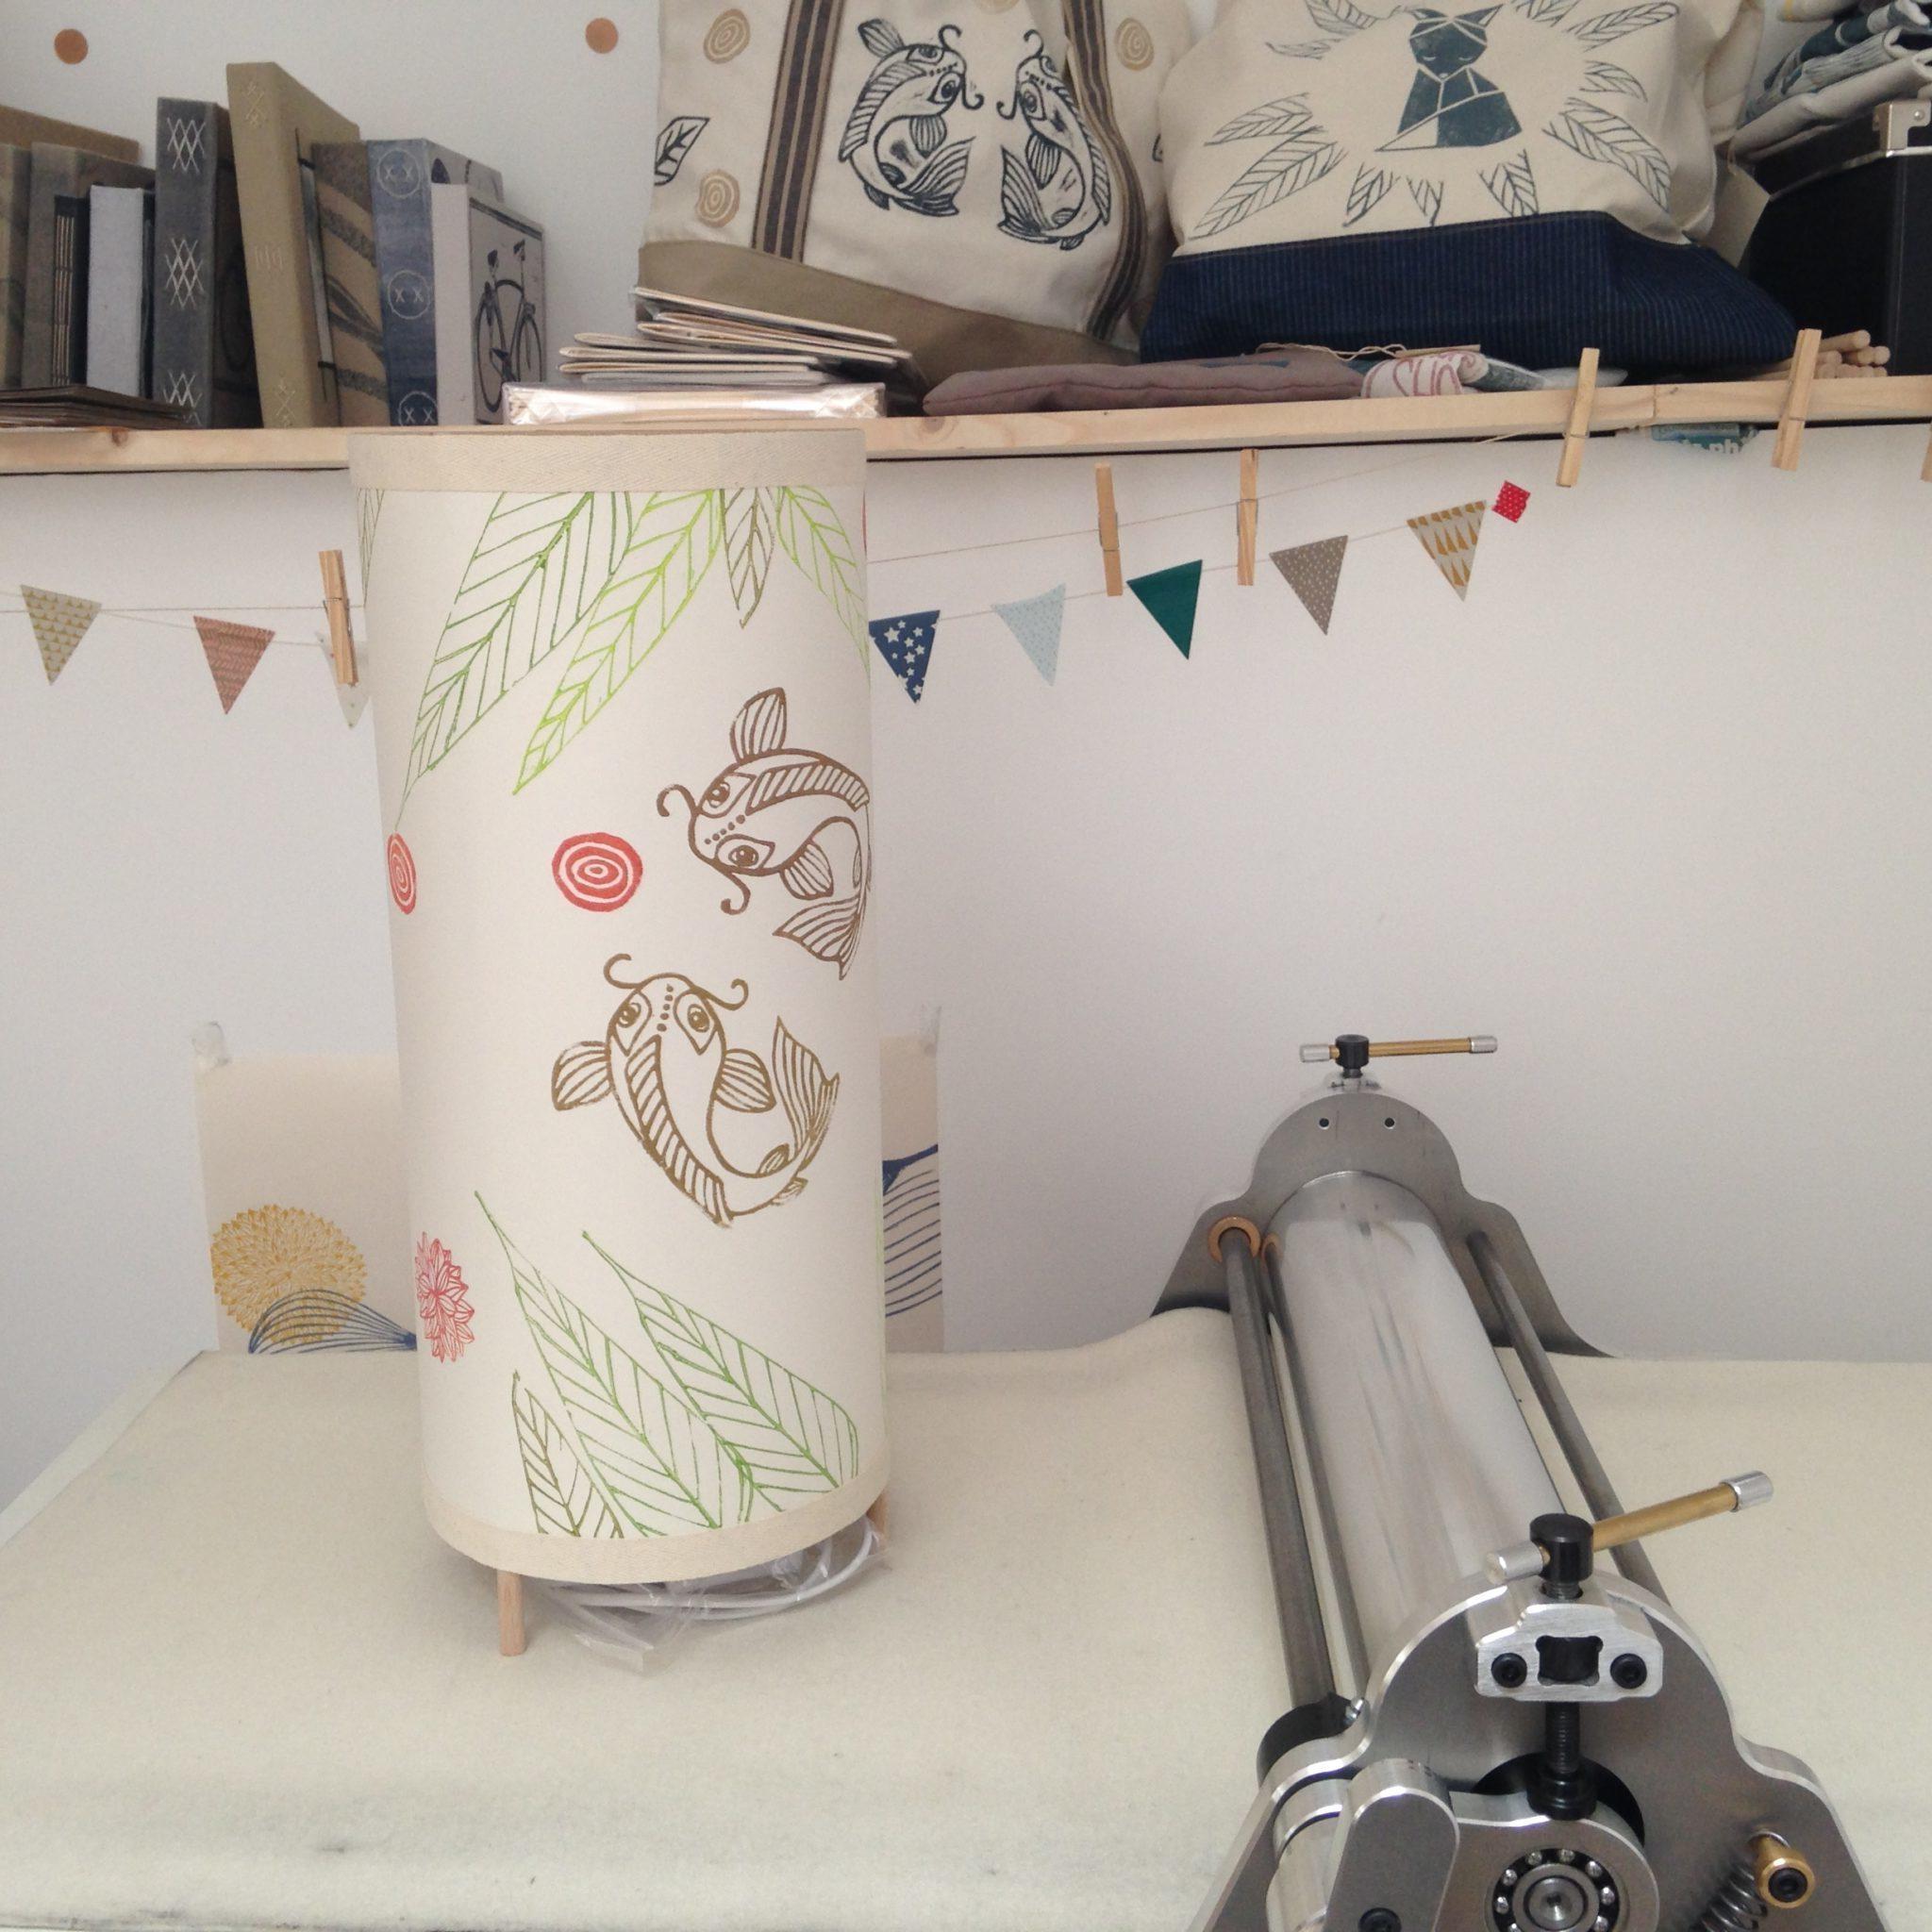 LinoLino | Linogravure et créations à partir d'impressions artisanales | Chambéry, France | Lampes | Lampe à poser grand modèle, Etang japonais